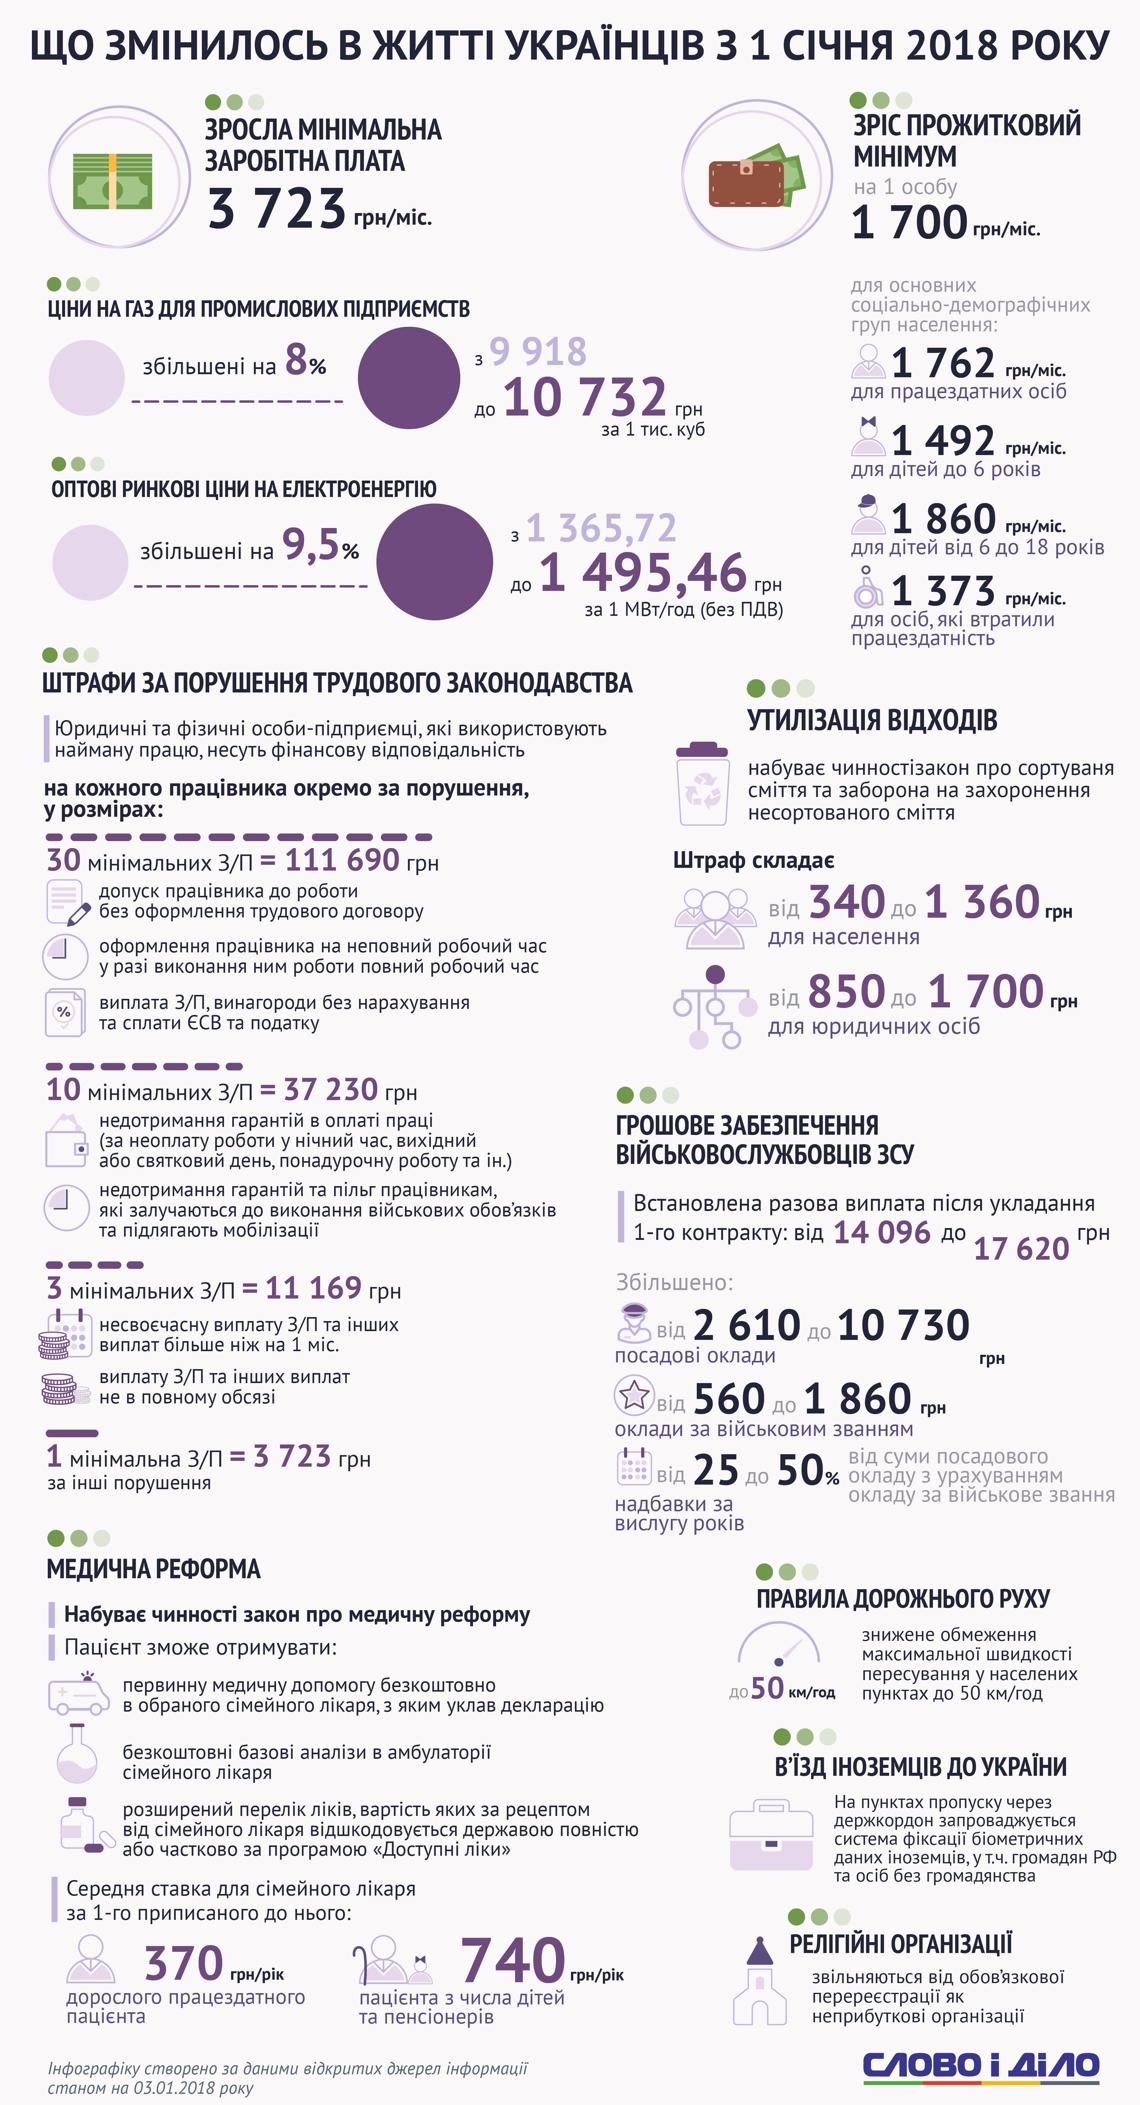 Нововведения для украинцев в 2018 году в цифрах